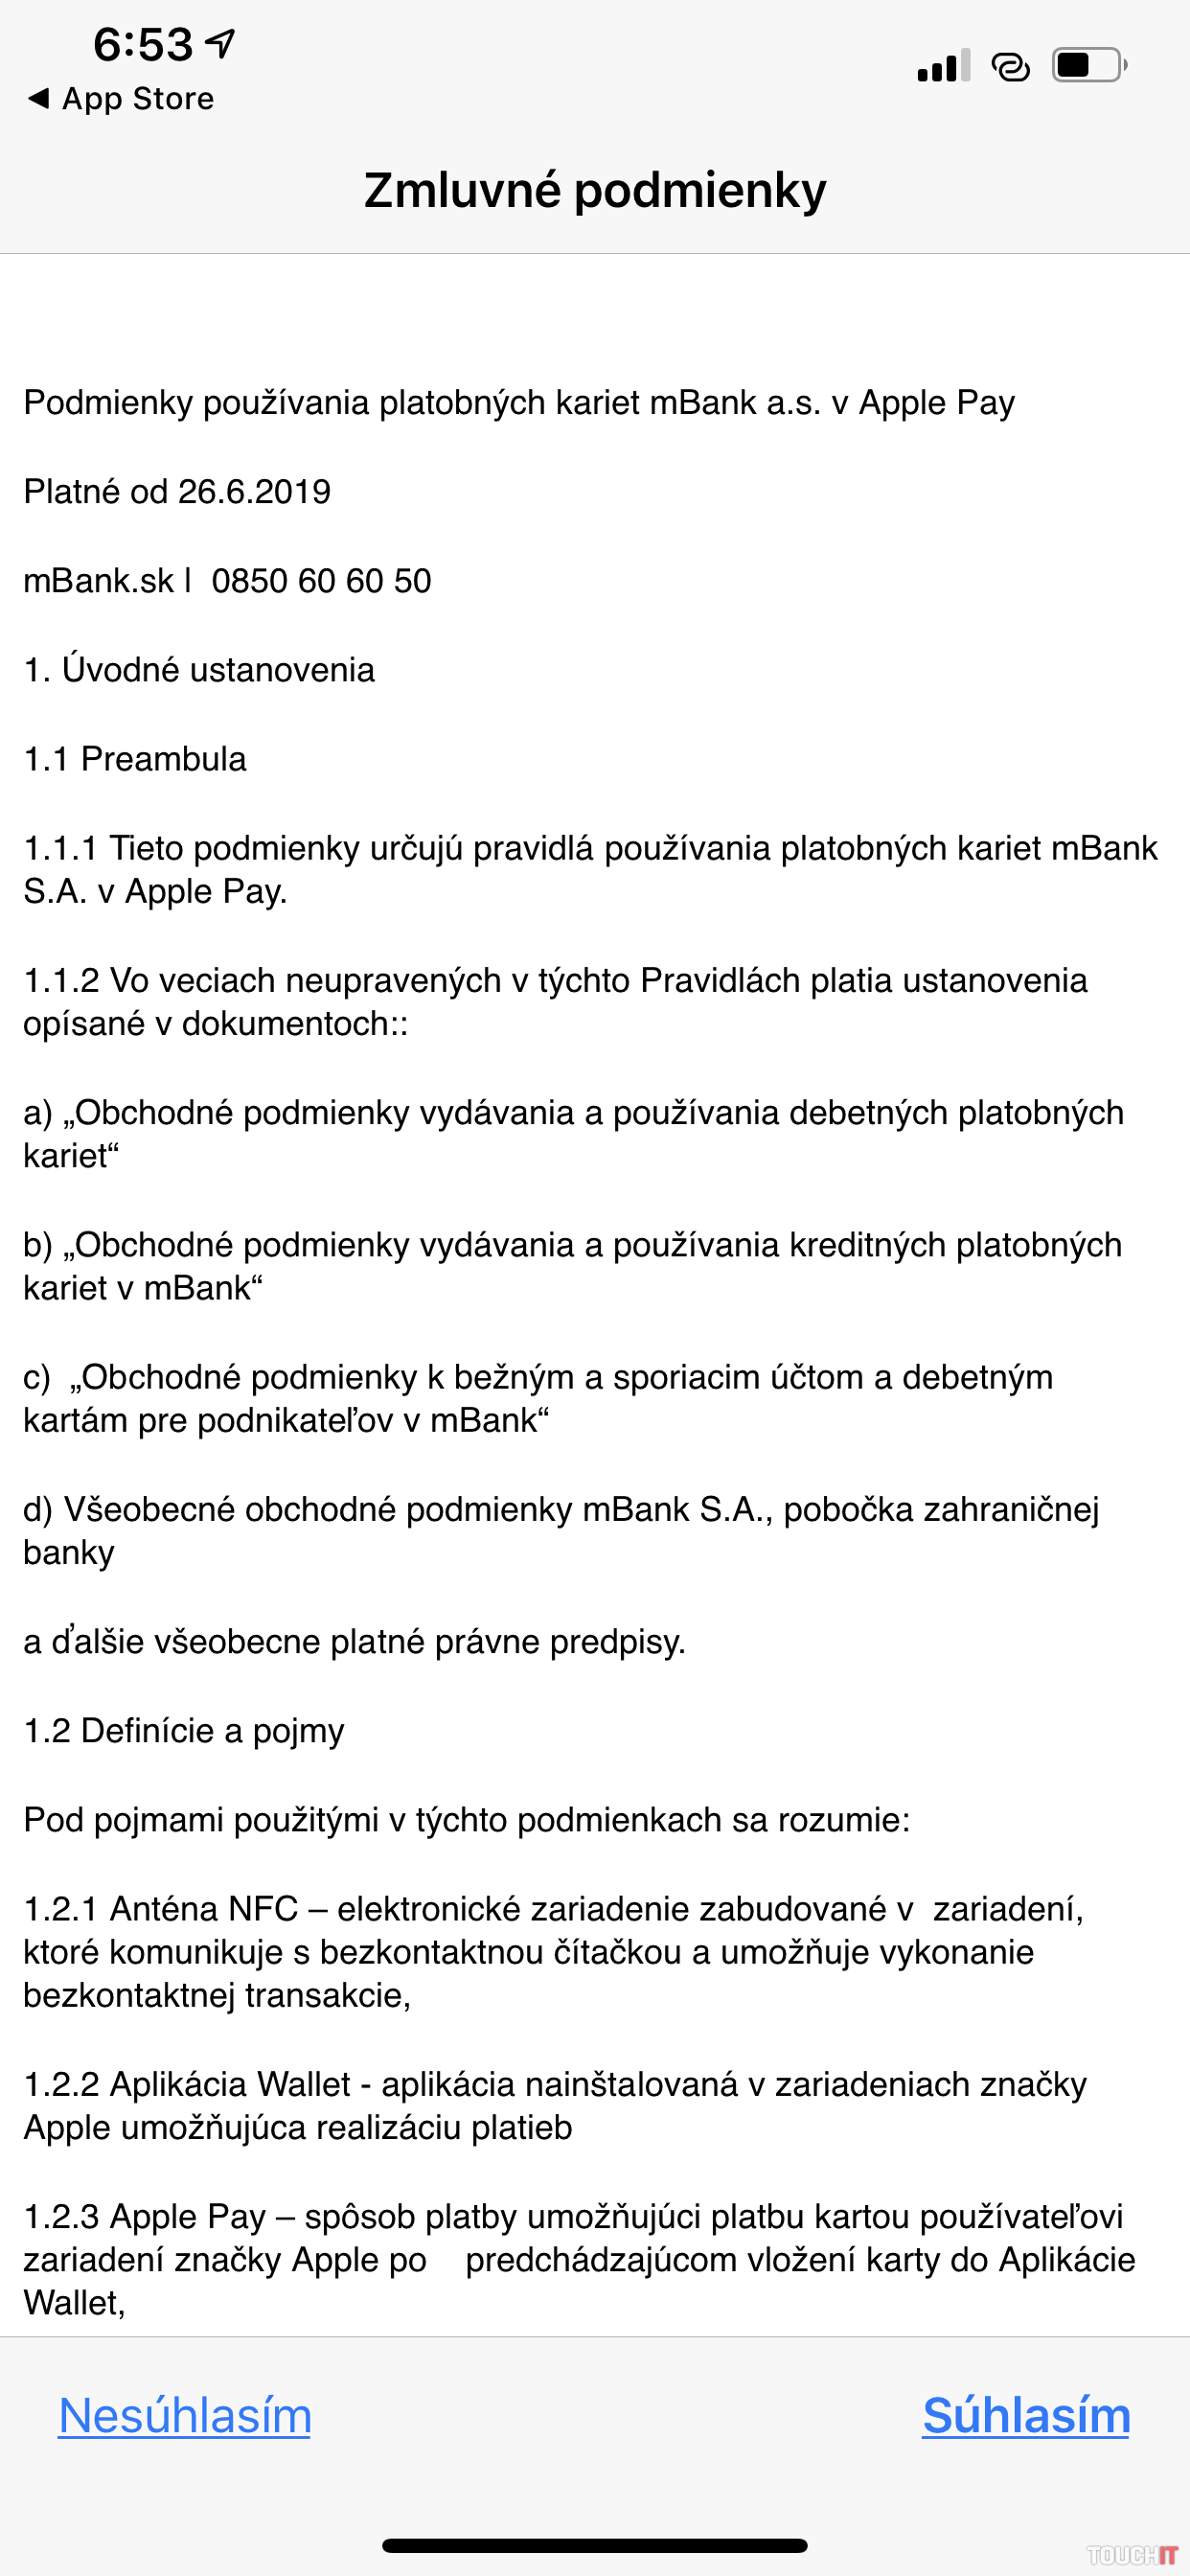 VietSub datovania agentúra Cyrano EP 5